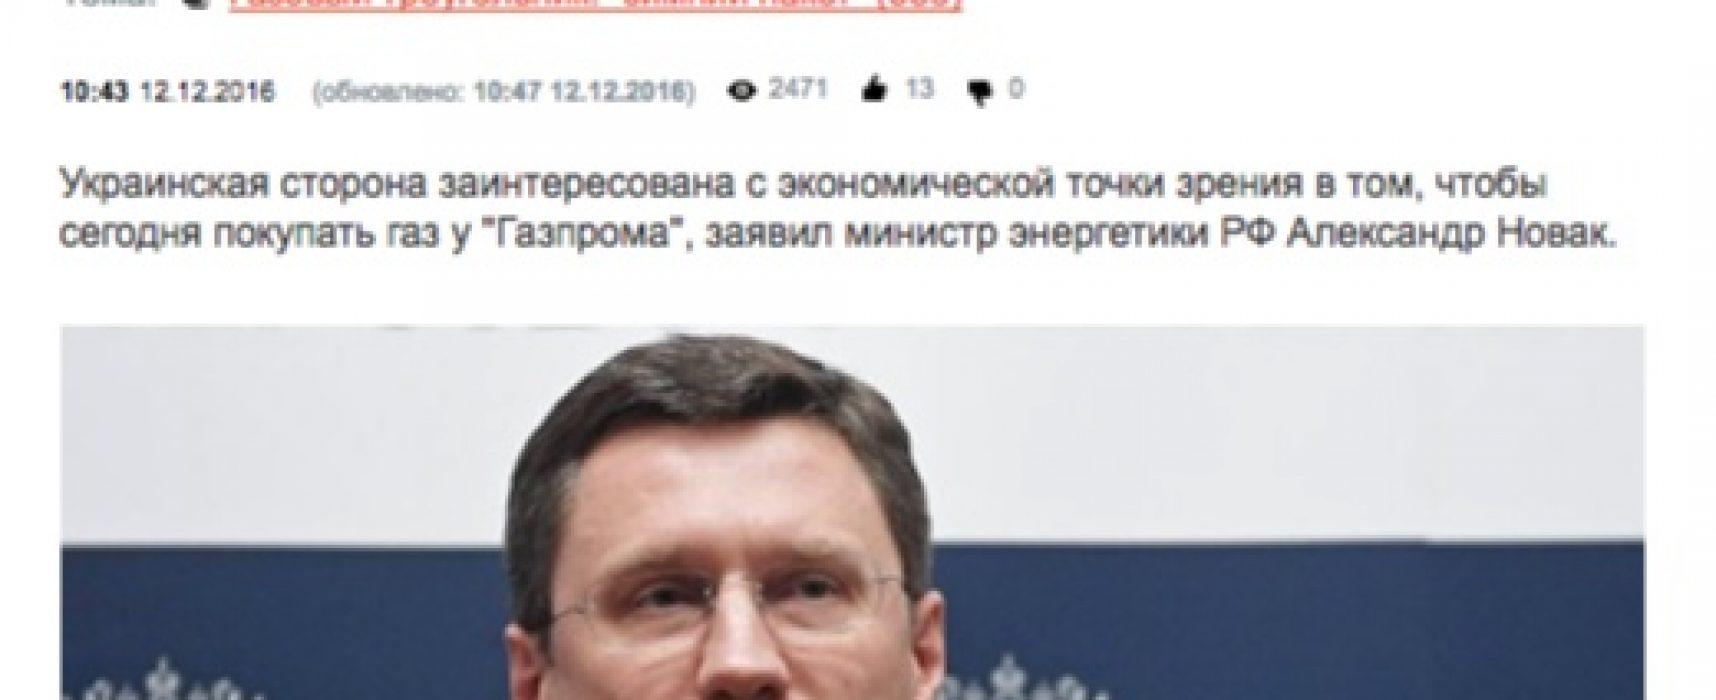 l'Ucraina paga in di piu' per il gas europeo (Fake)